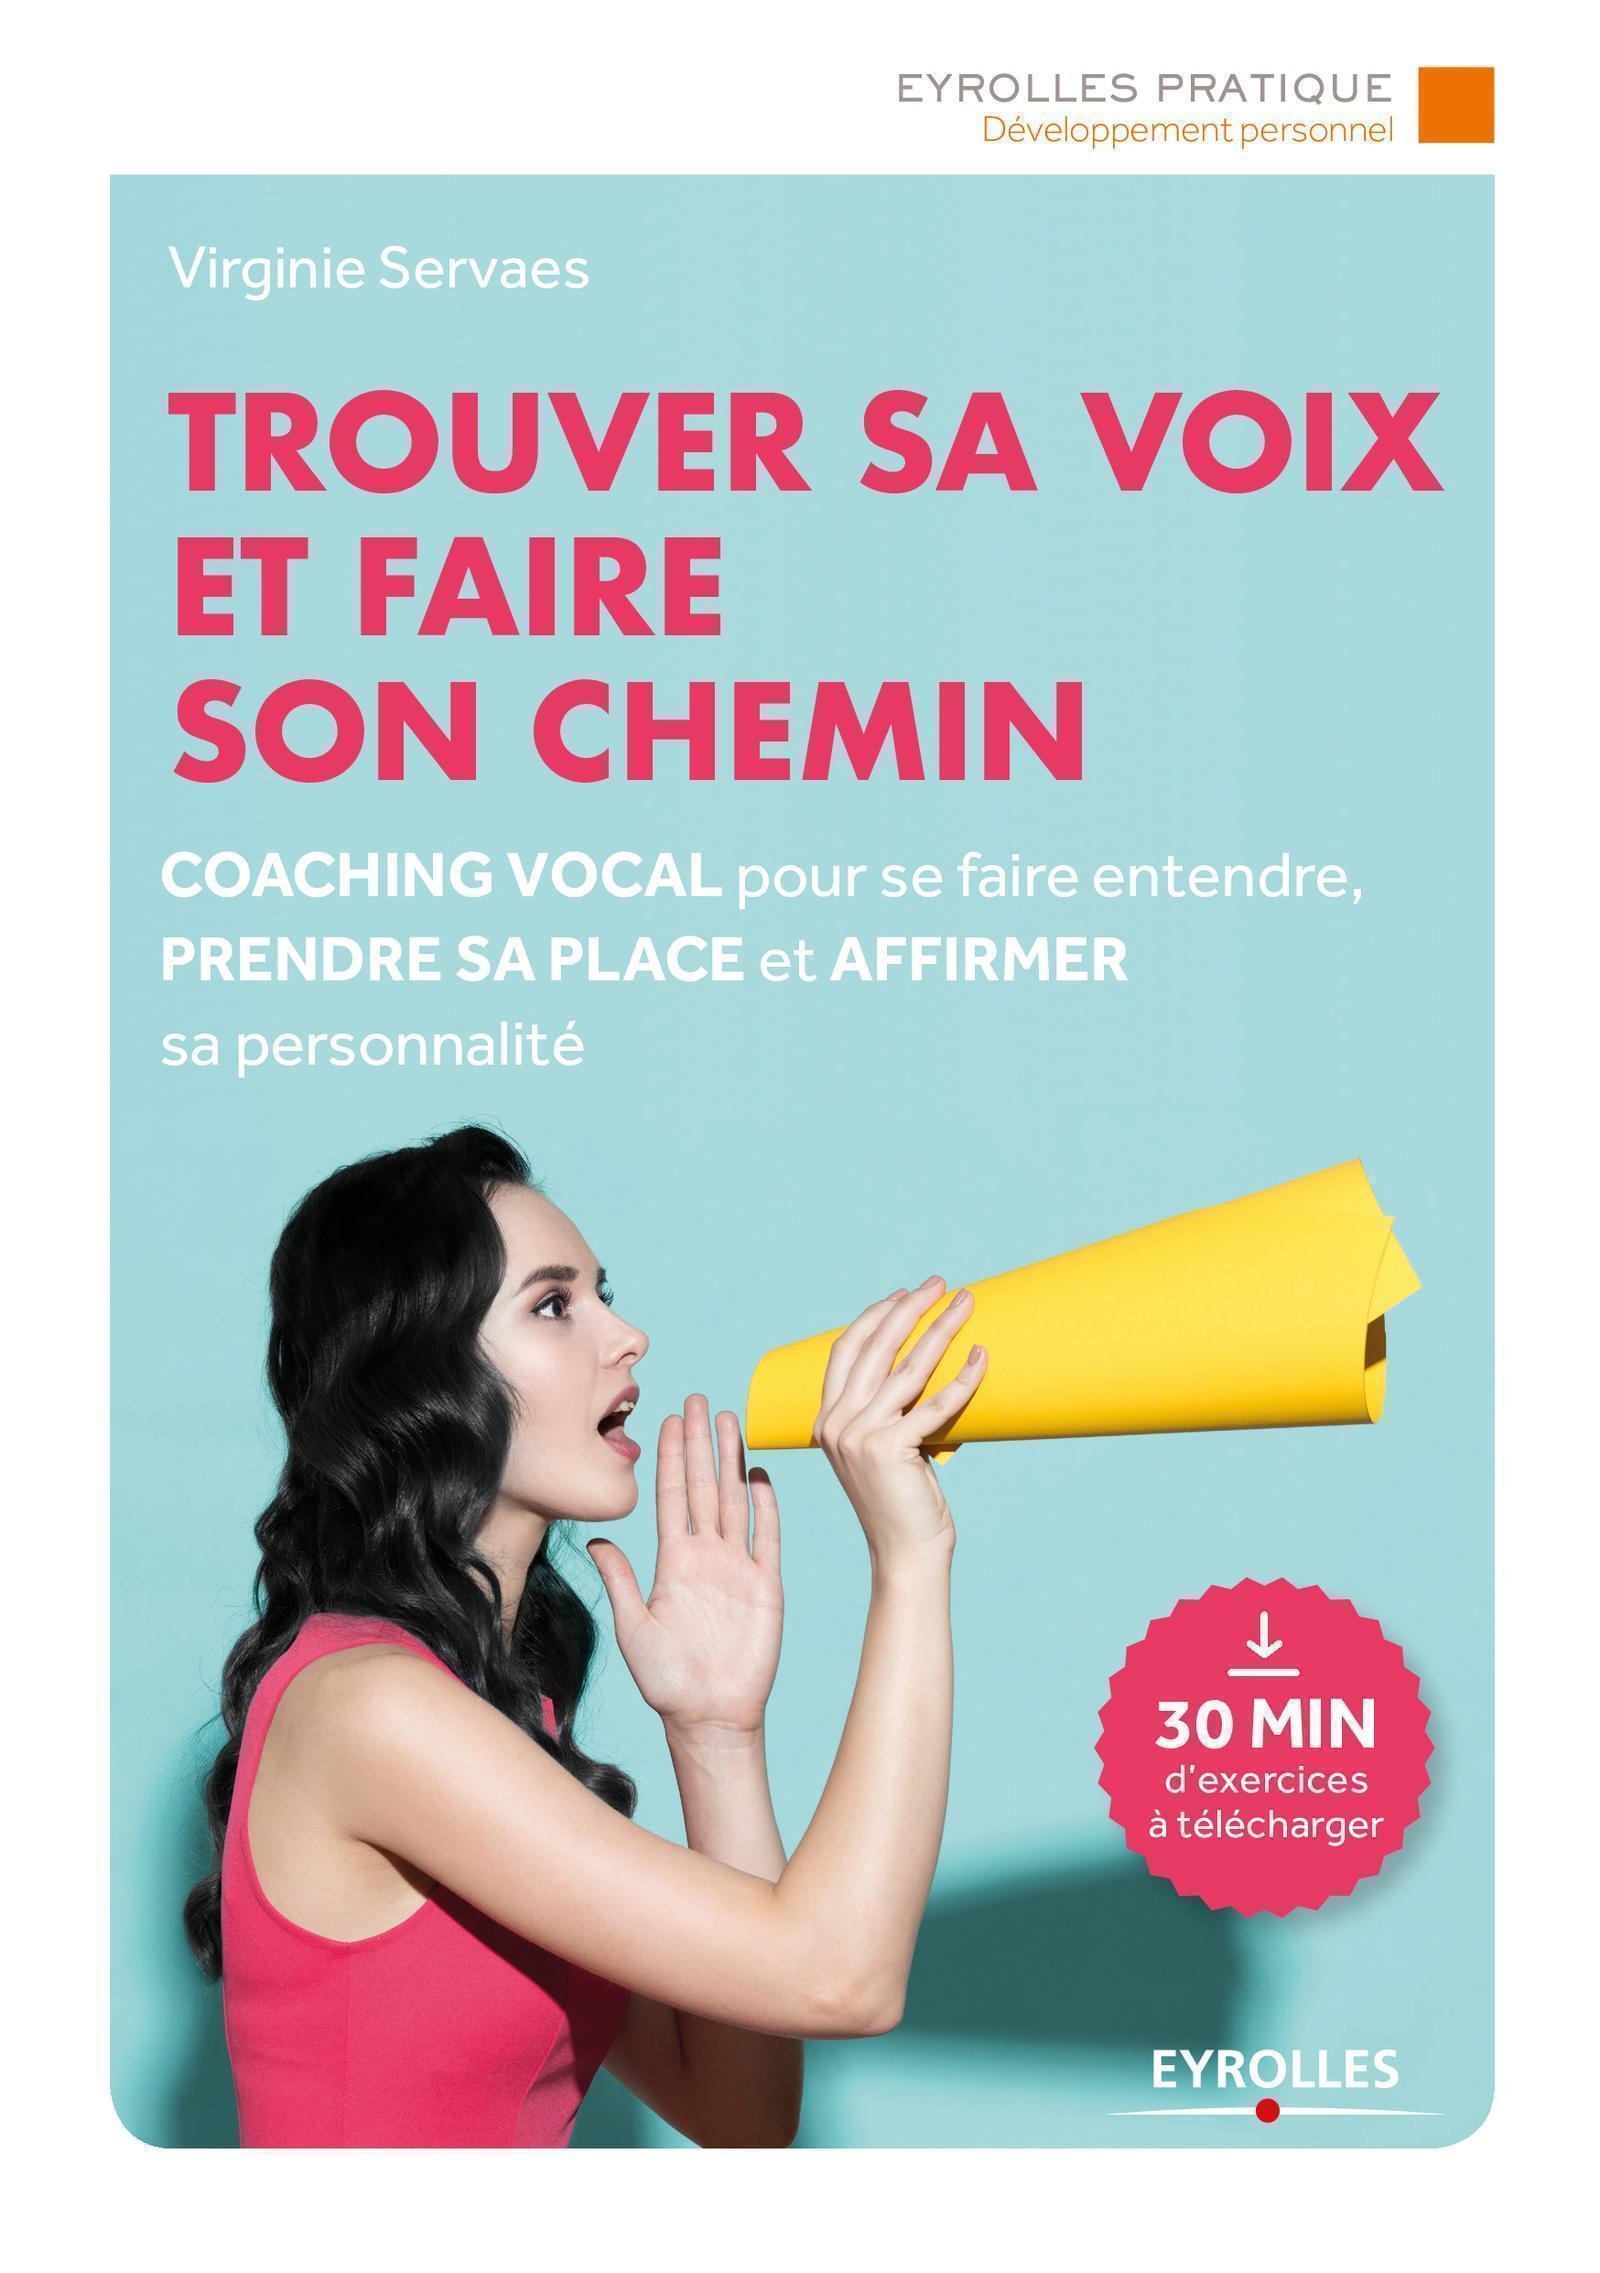 TROUVER SA VOIX ET FAIRE SON CHEMIN/30' D'EXERCICES A ECOUTER - COACHING VOCAL POUR SE FAIRE ENTENDR